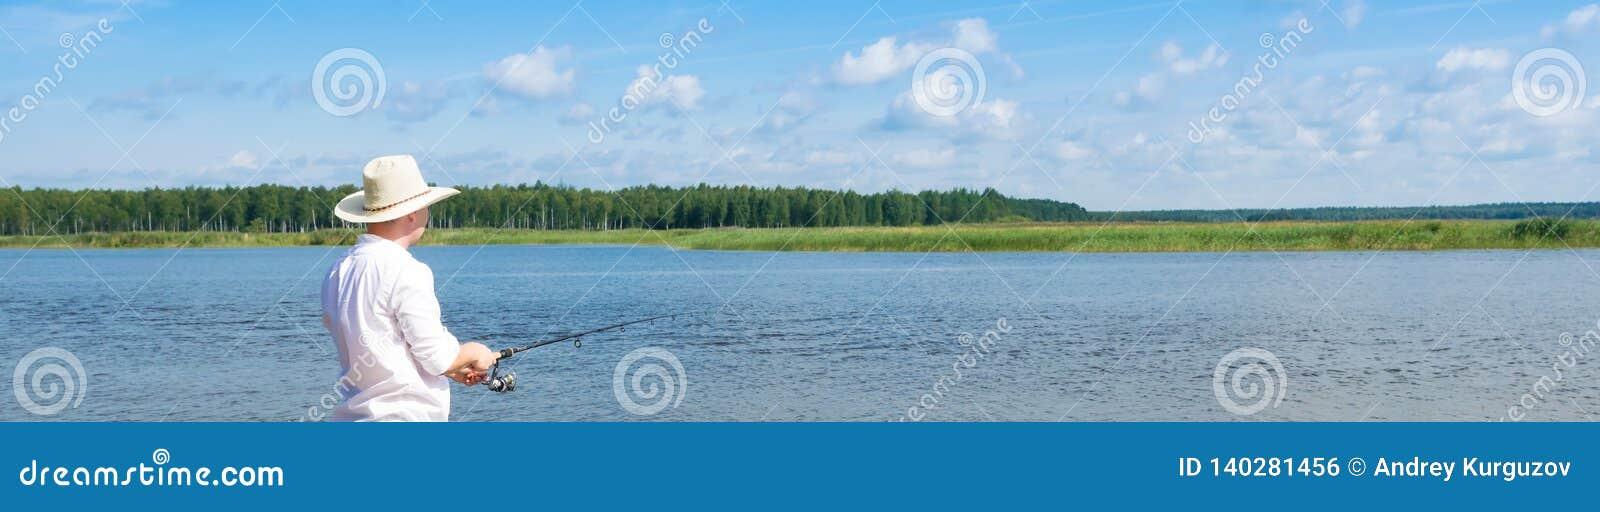 Αλιεύοντας σε μια περιστροφή σε μια πληρωμένη δεξαμενή, μακριά φωτογραφία